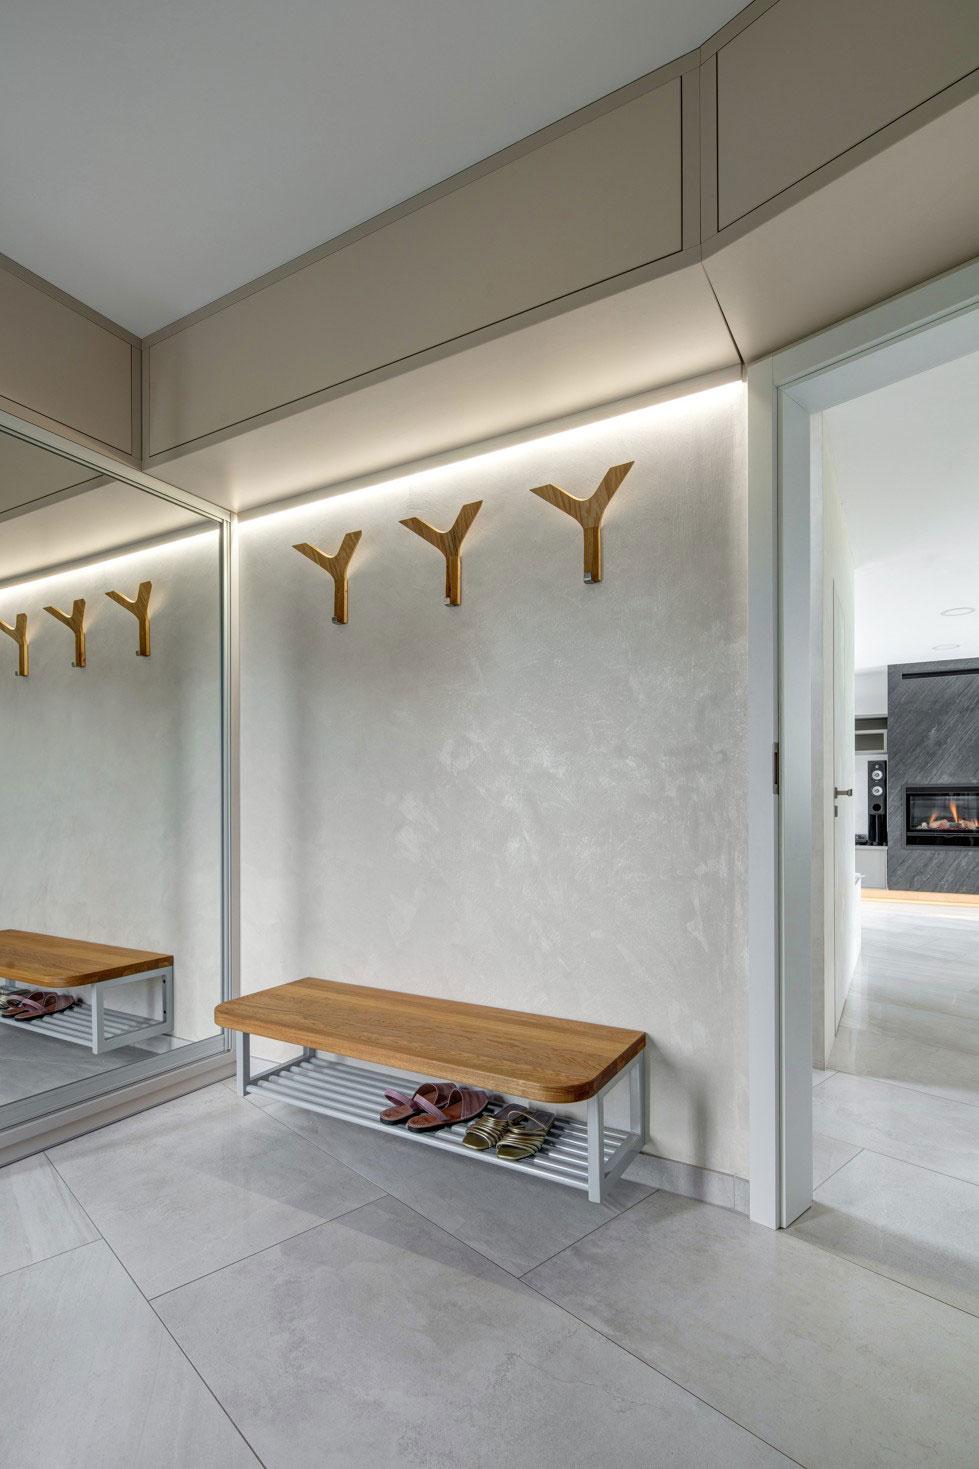 Na prízemnom podlaží je preto jednotne použitá veľkoformátová dlažba a jej lesklý povrch interiér jemne presvetľuje.